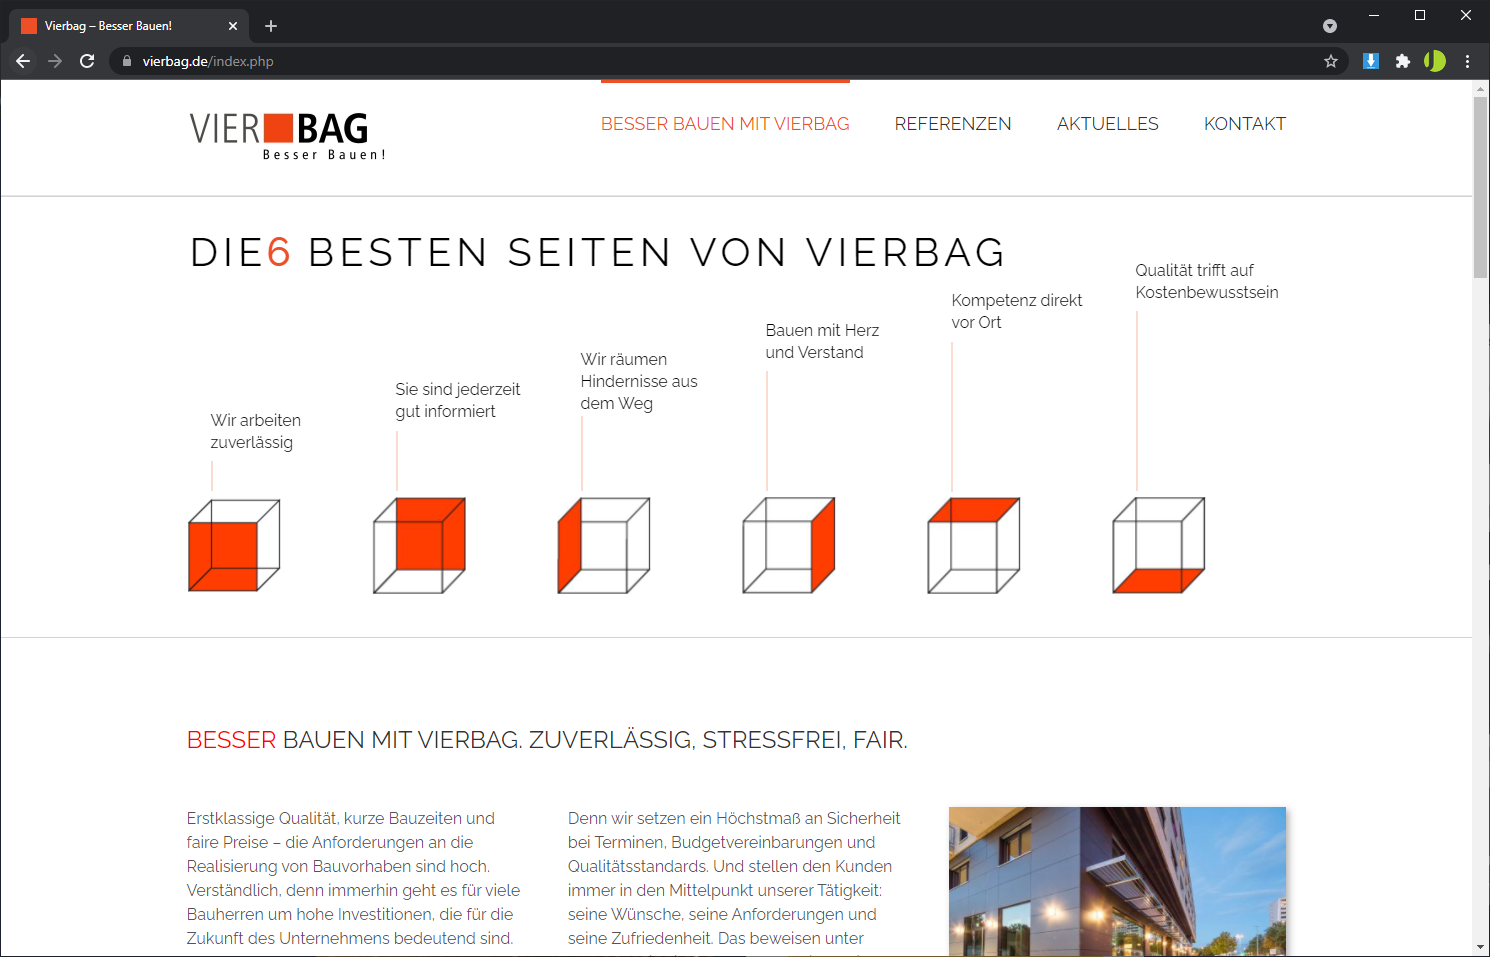 Homepage Erstellung mit WordPress - Vierbag GmbH